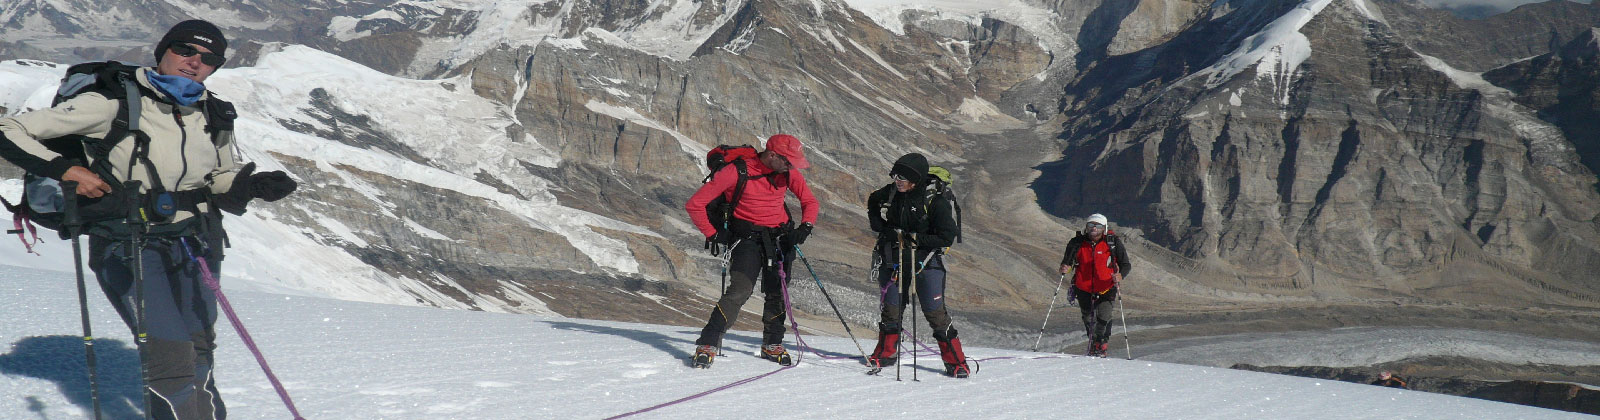 garhwal-peak-climbing